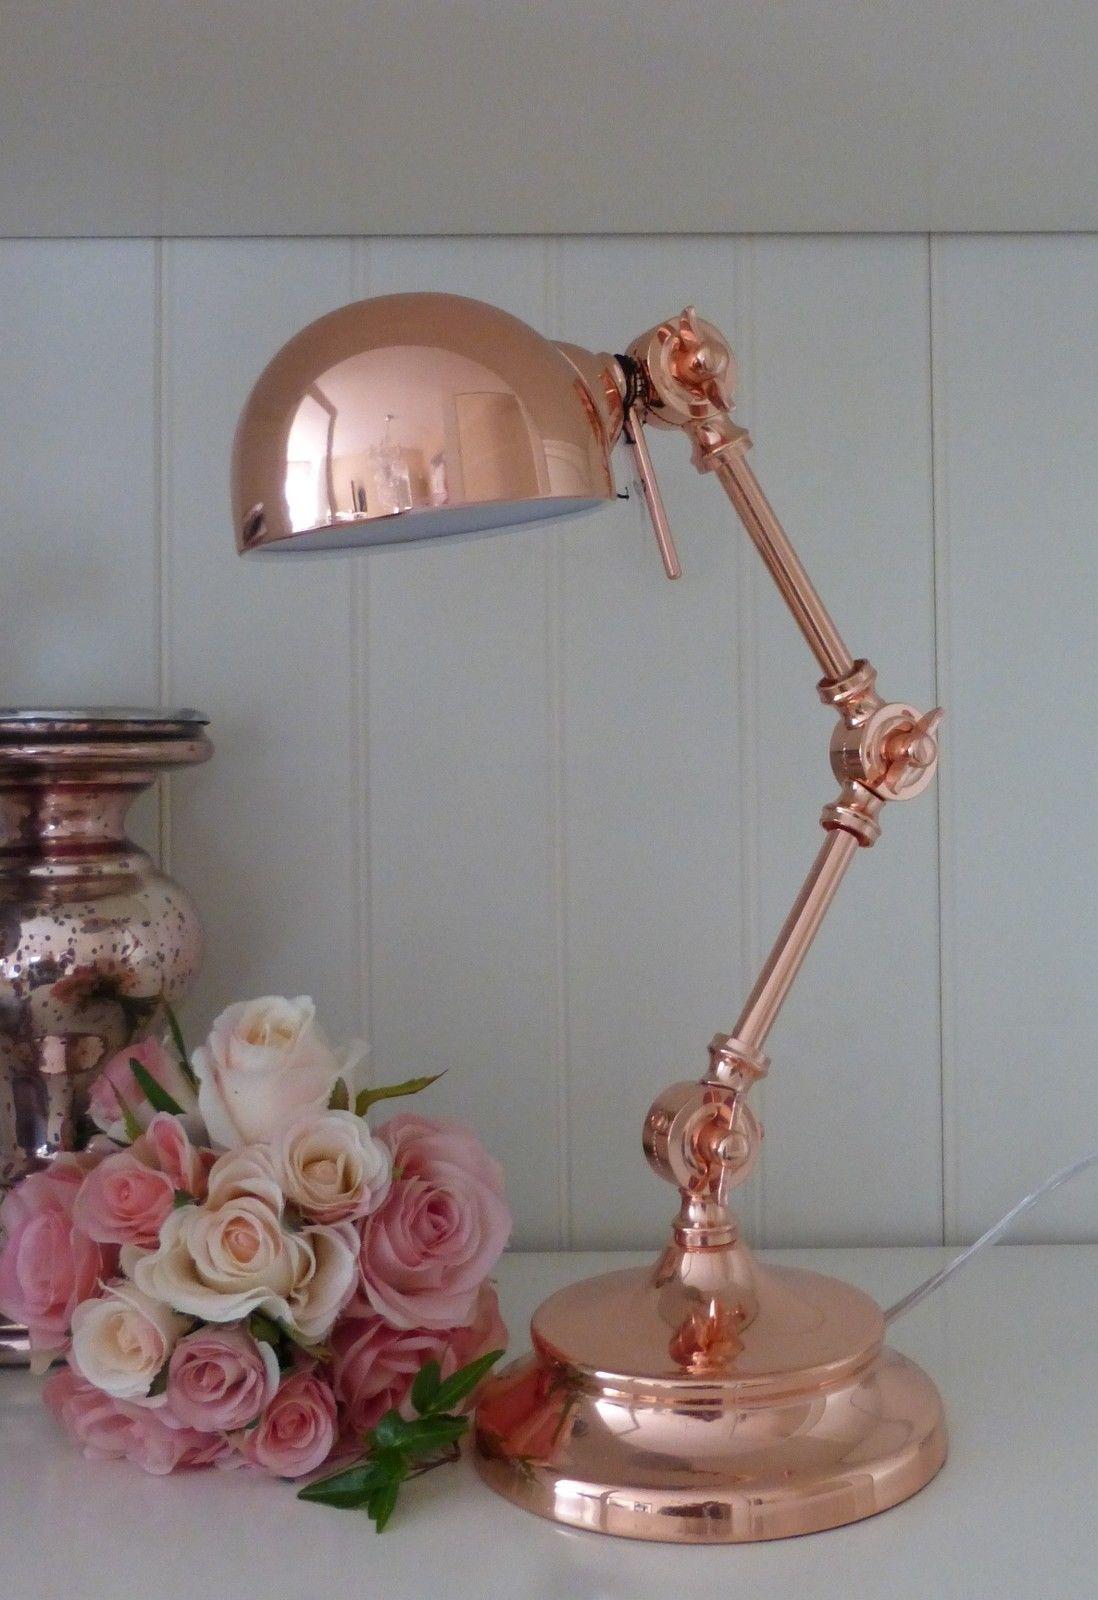 Schreibtischlampe nostalgie kupfer rosegold for Lampen nostalgie